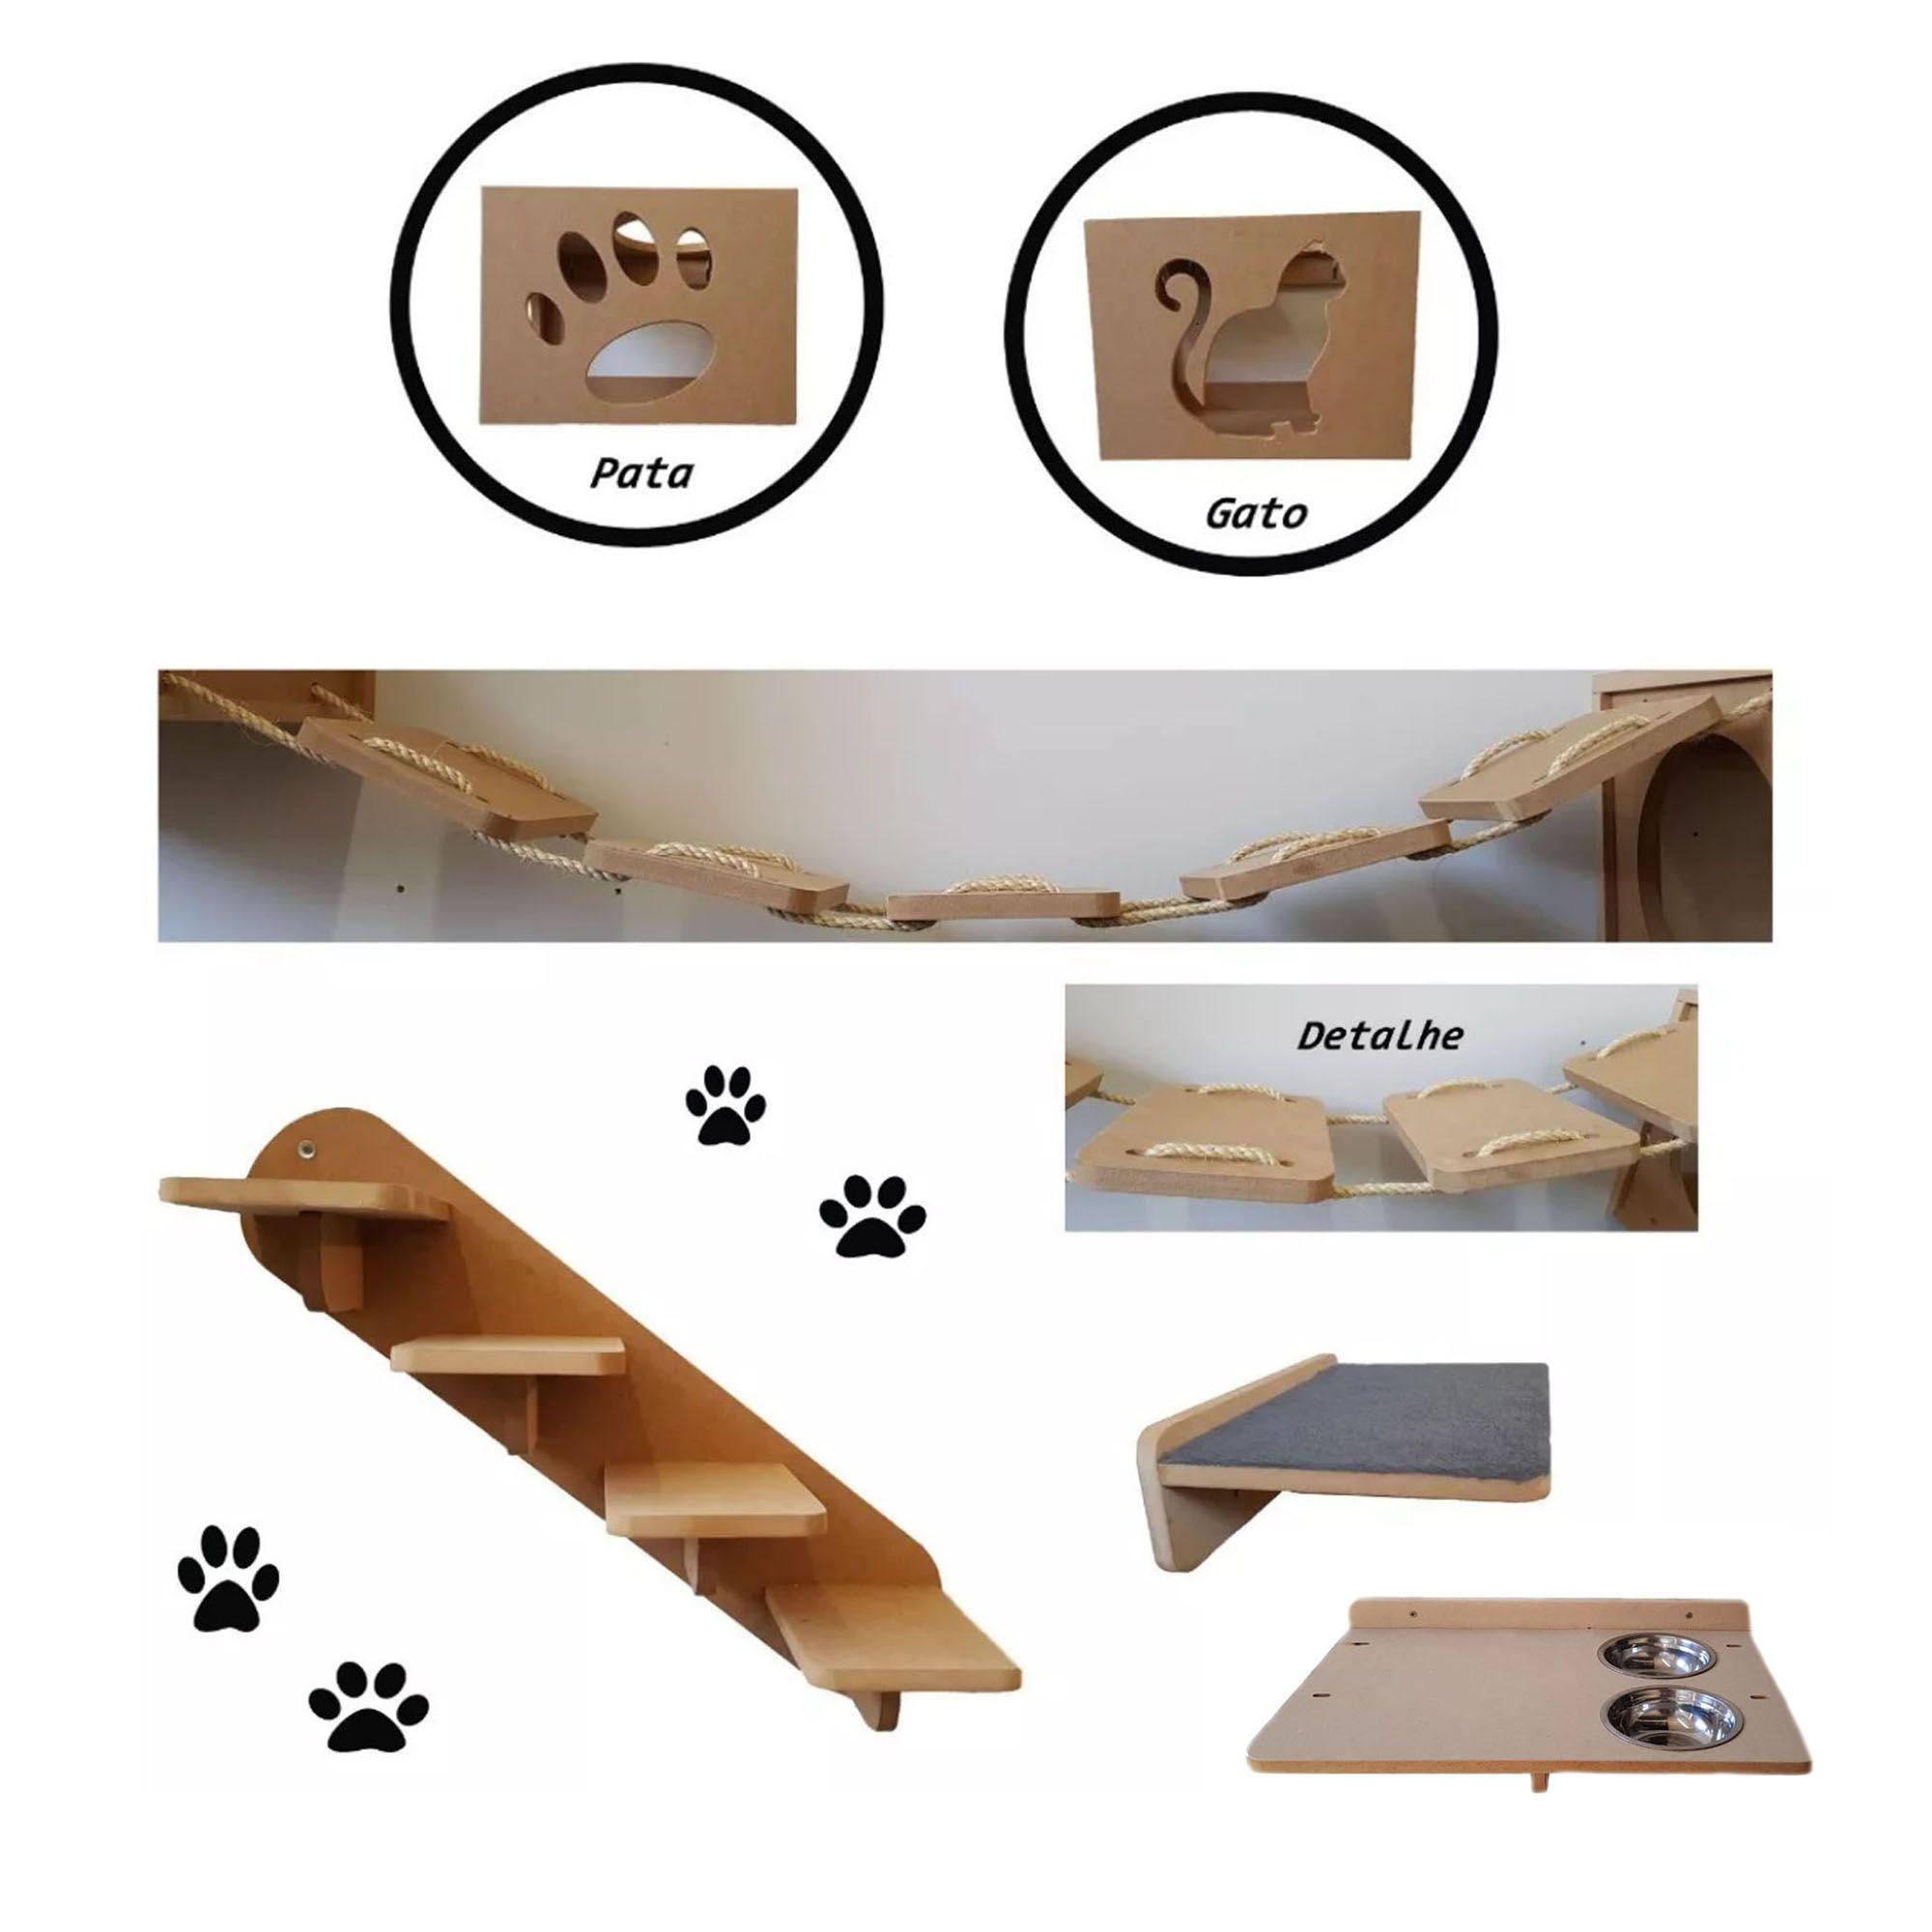 Nicho Gato - Kit Nicho para Gato 6pçs = 2 Nichos + Ponte + Prateleira + Escada + Comedouro Suspenso Duplo P/ Gato Mdf 15mm